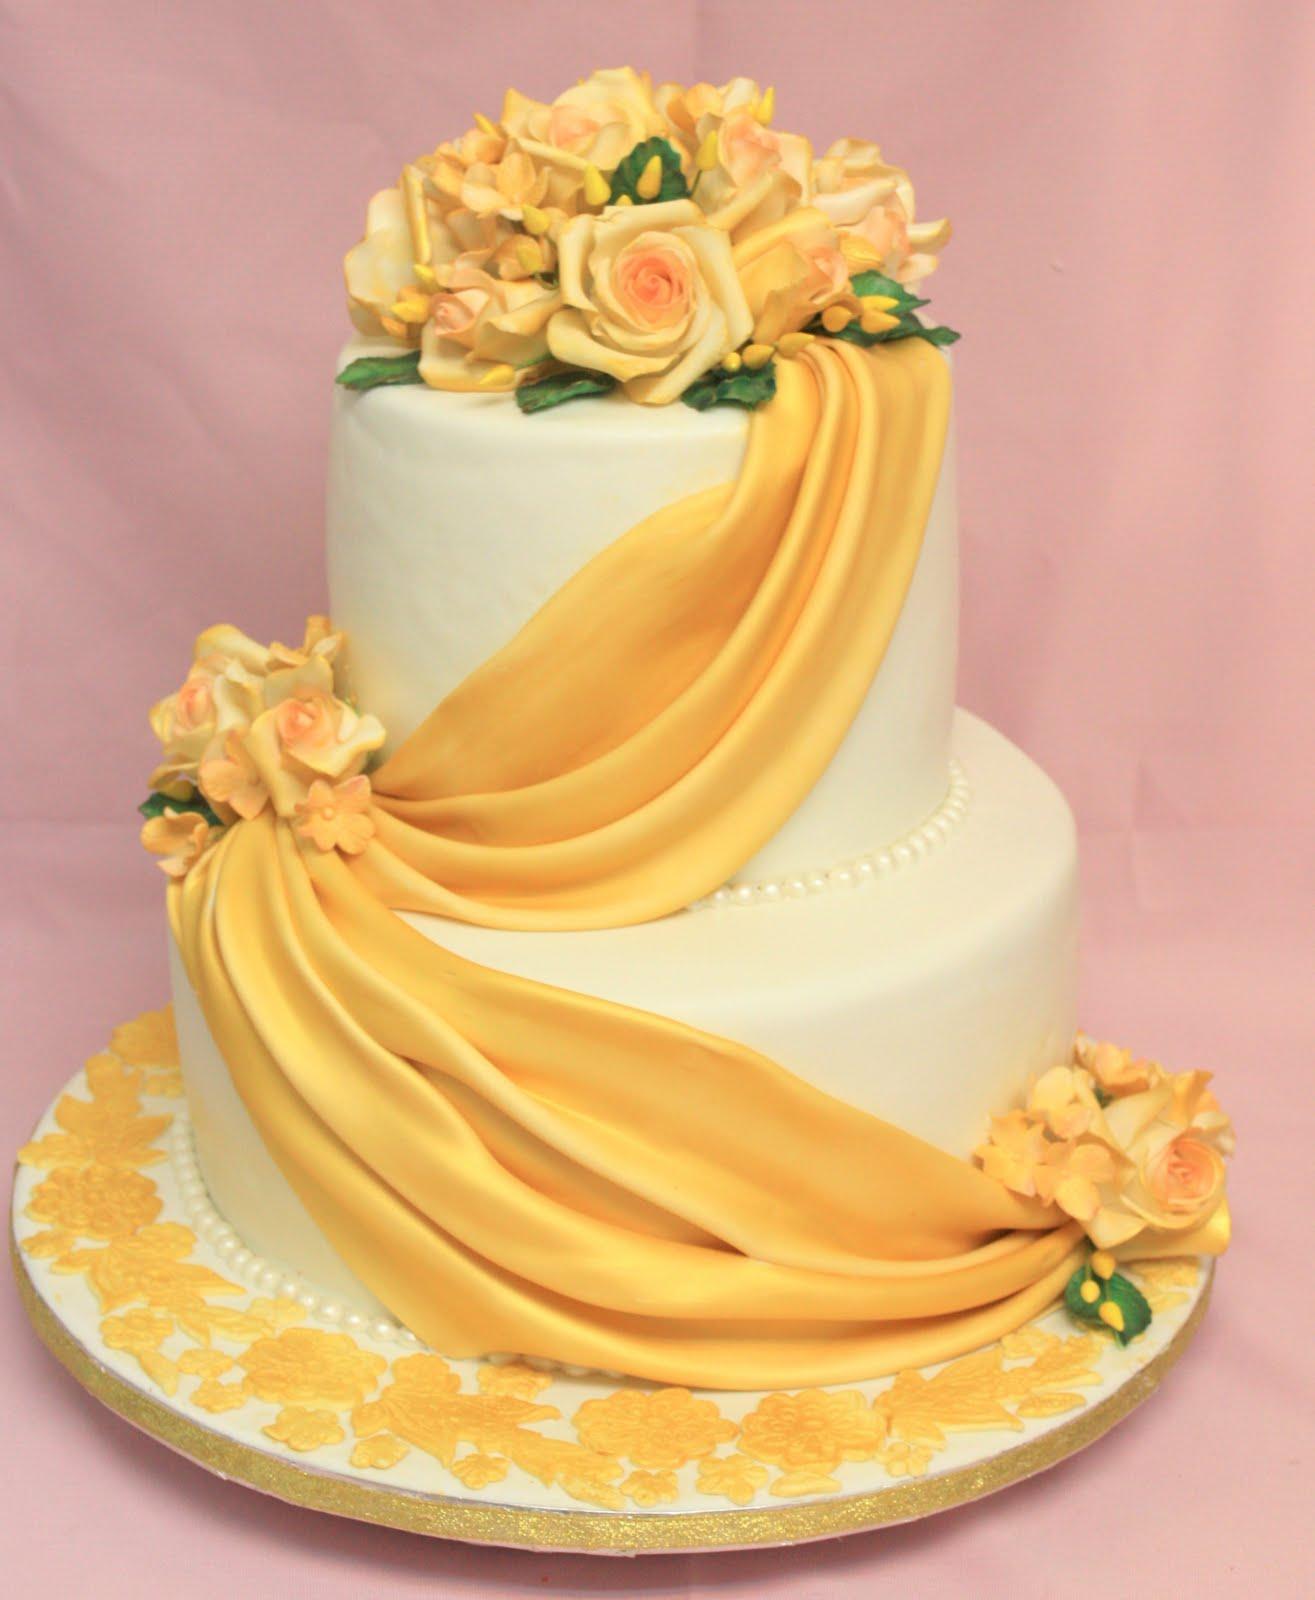 Complete Deelite: Golden Roses Wedding Cake